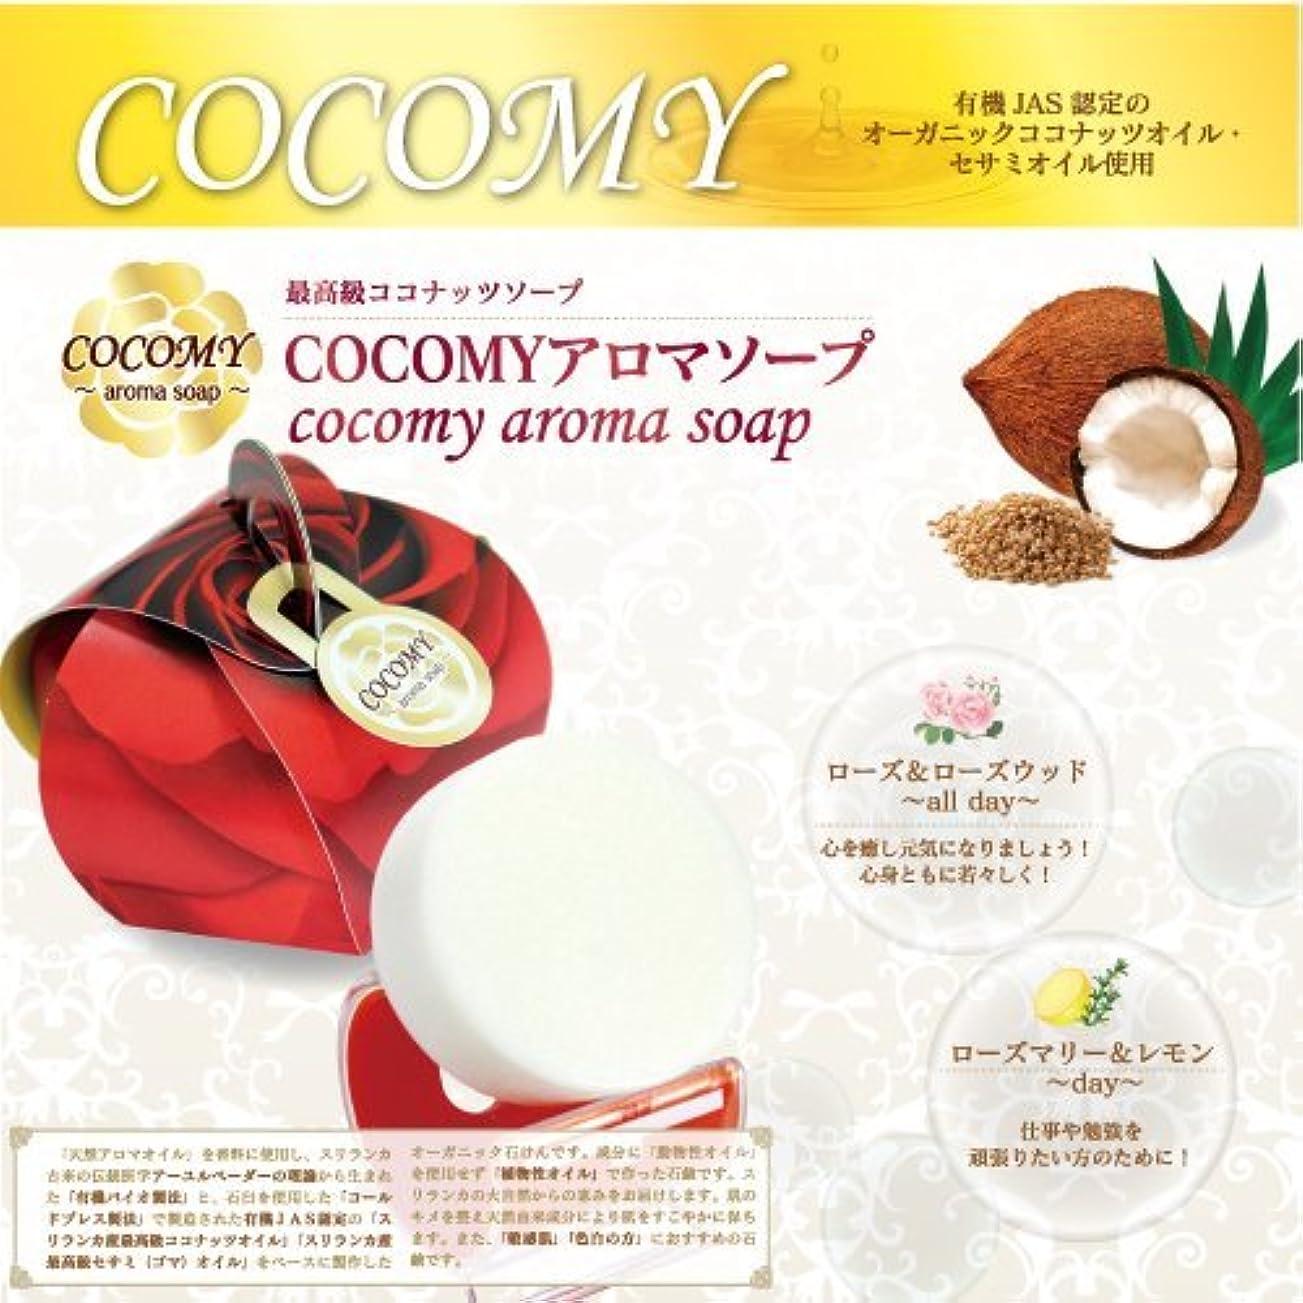 ヶ月目ラベル意欲COCOMY aromaソープ 2個セット (ローズマリー&レモン)(ローズ&ローズウッド) 40g×各1